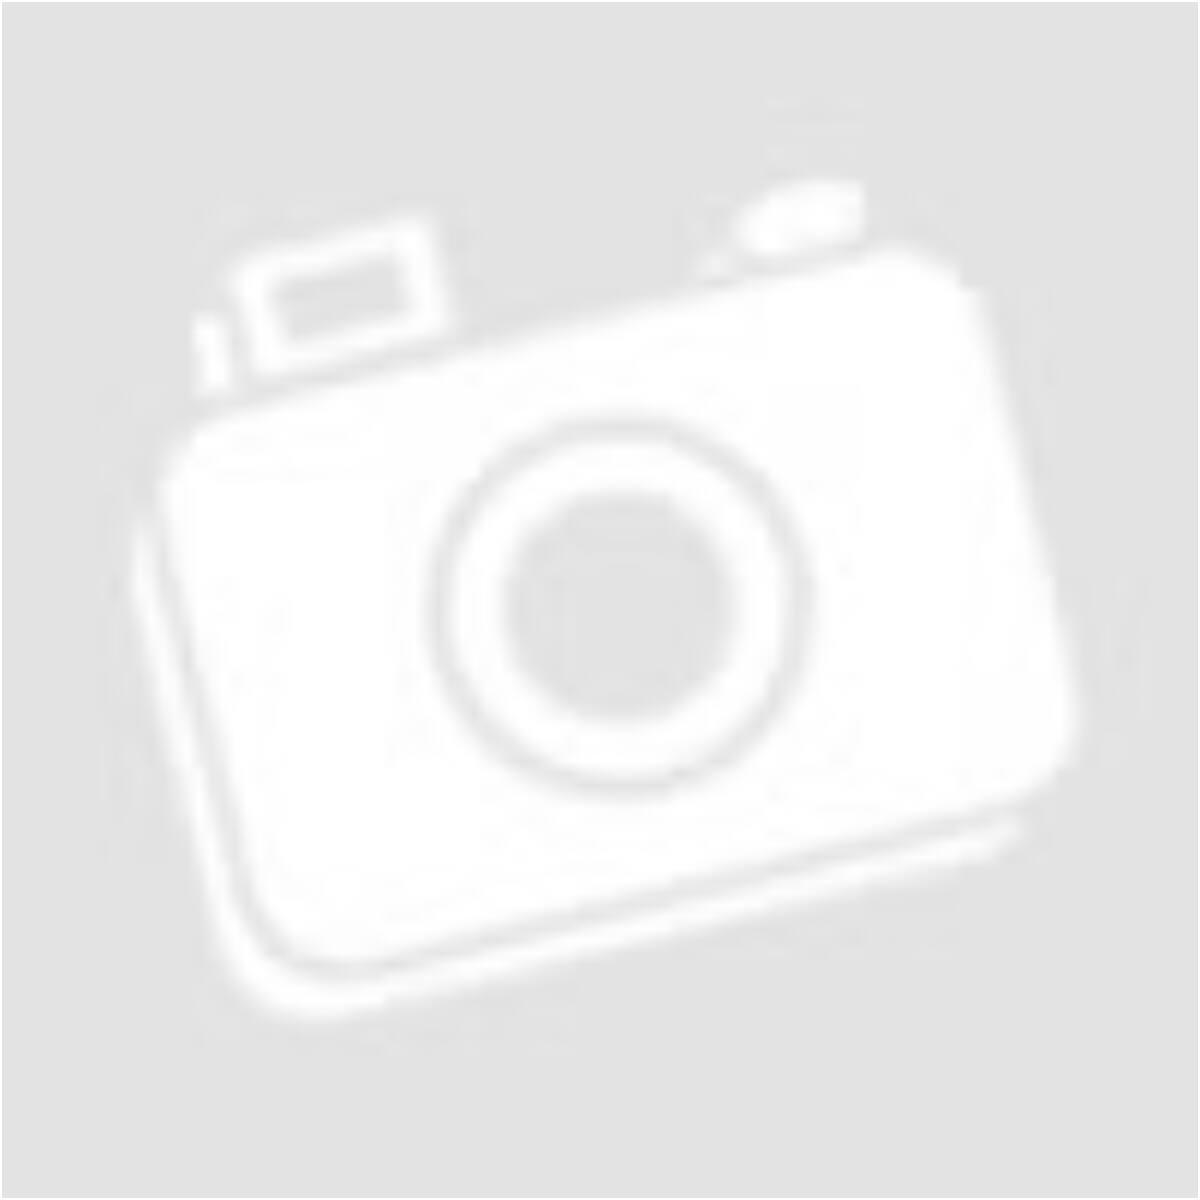 Kék kockás sapka gyerekruha - Fiú  8d5adf551e